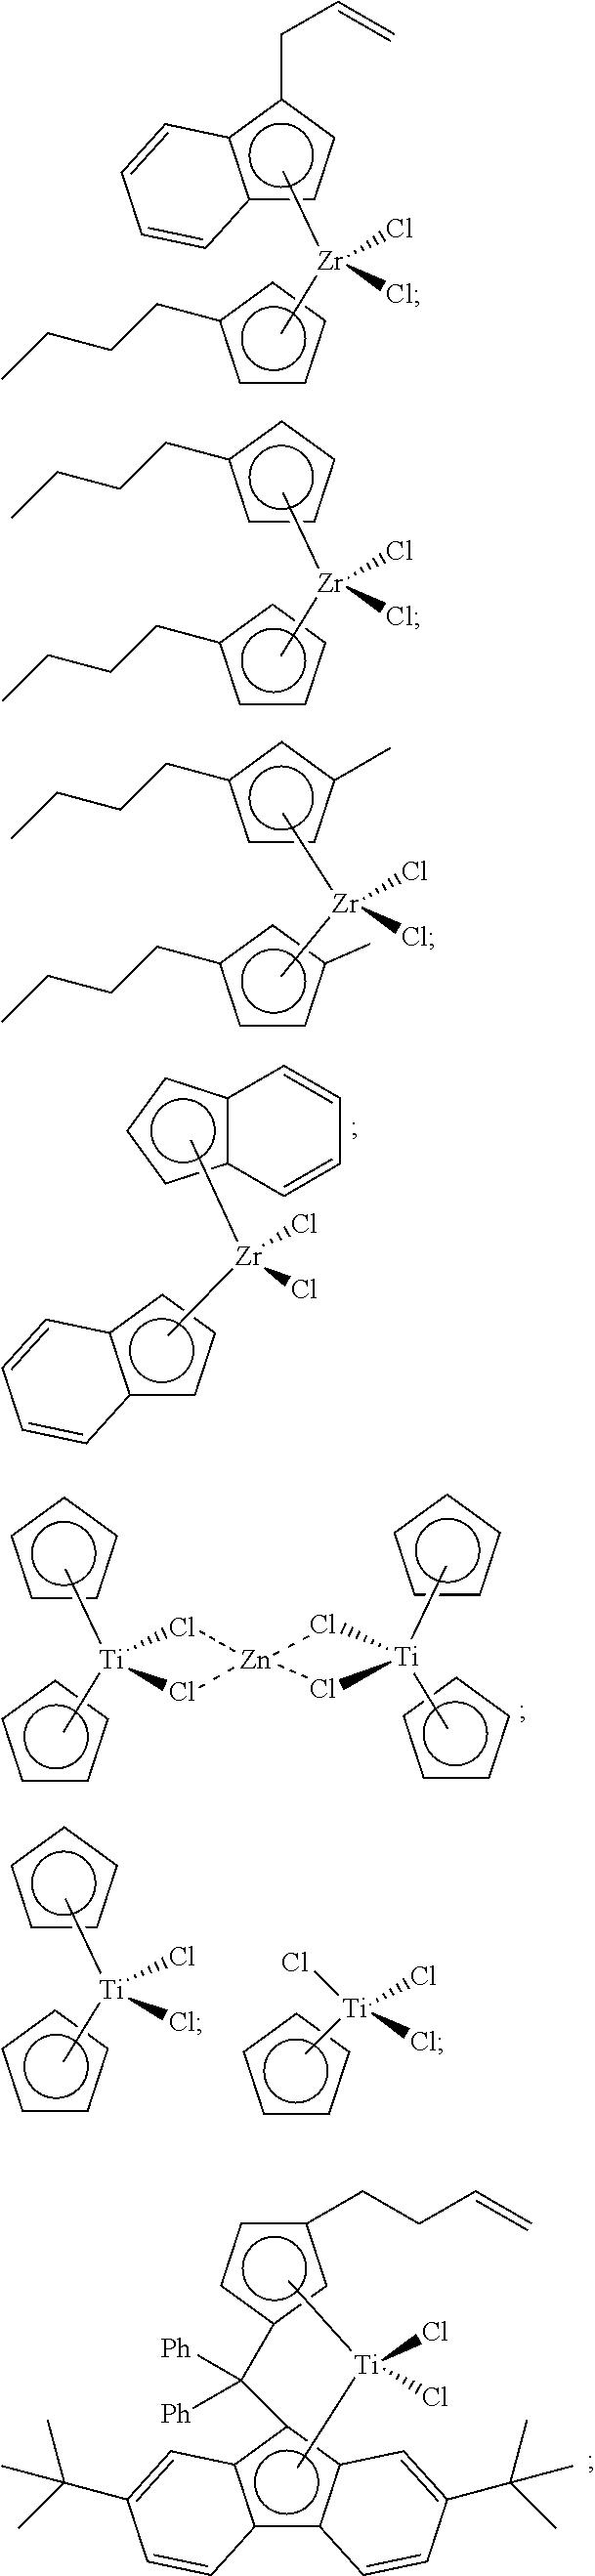 Figure US08501654-20130806-C00056